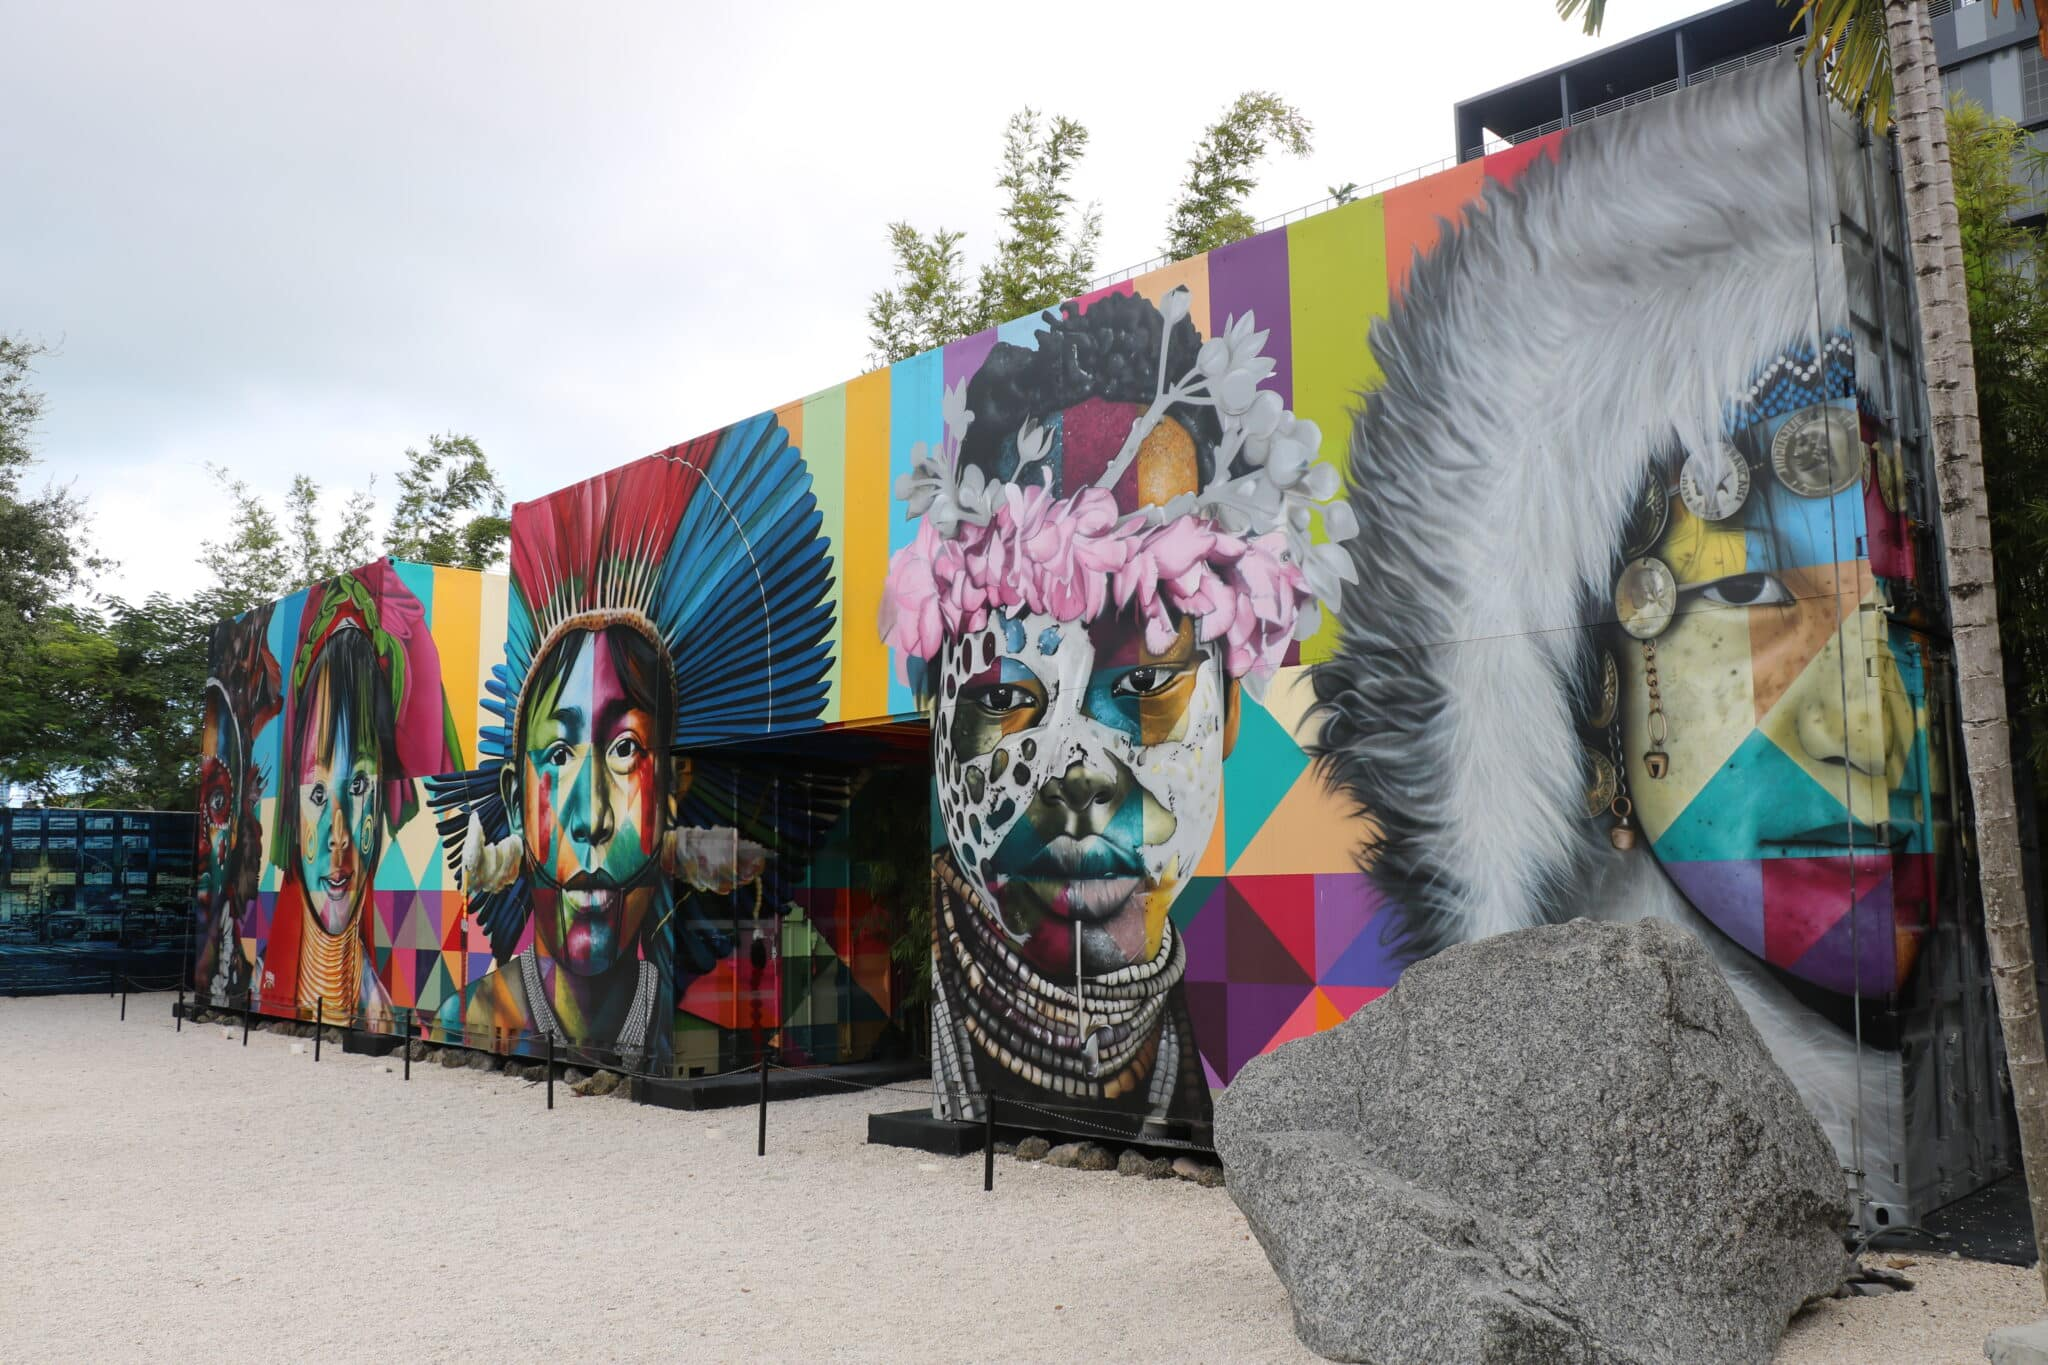 Bezoek de Wynwood Walls in Miami